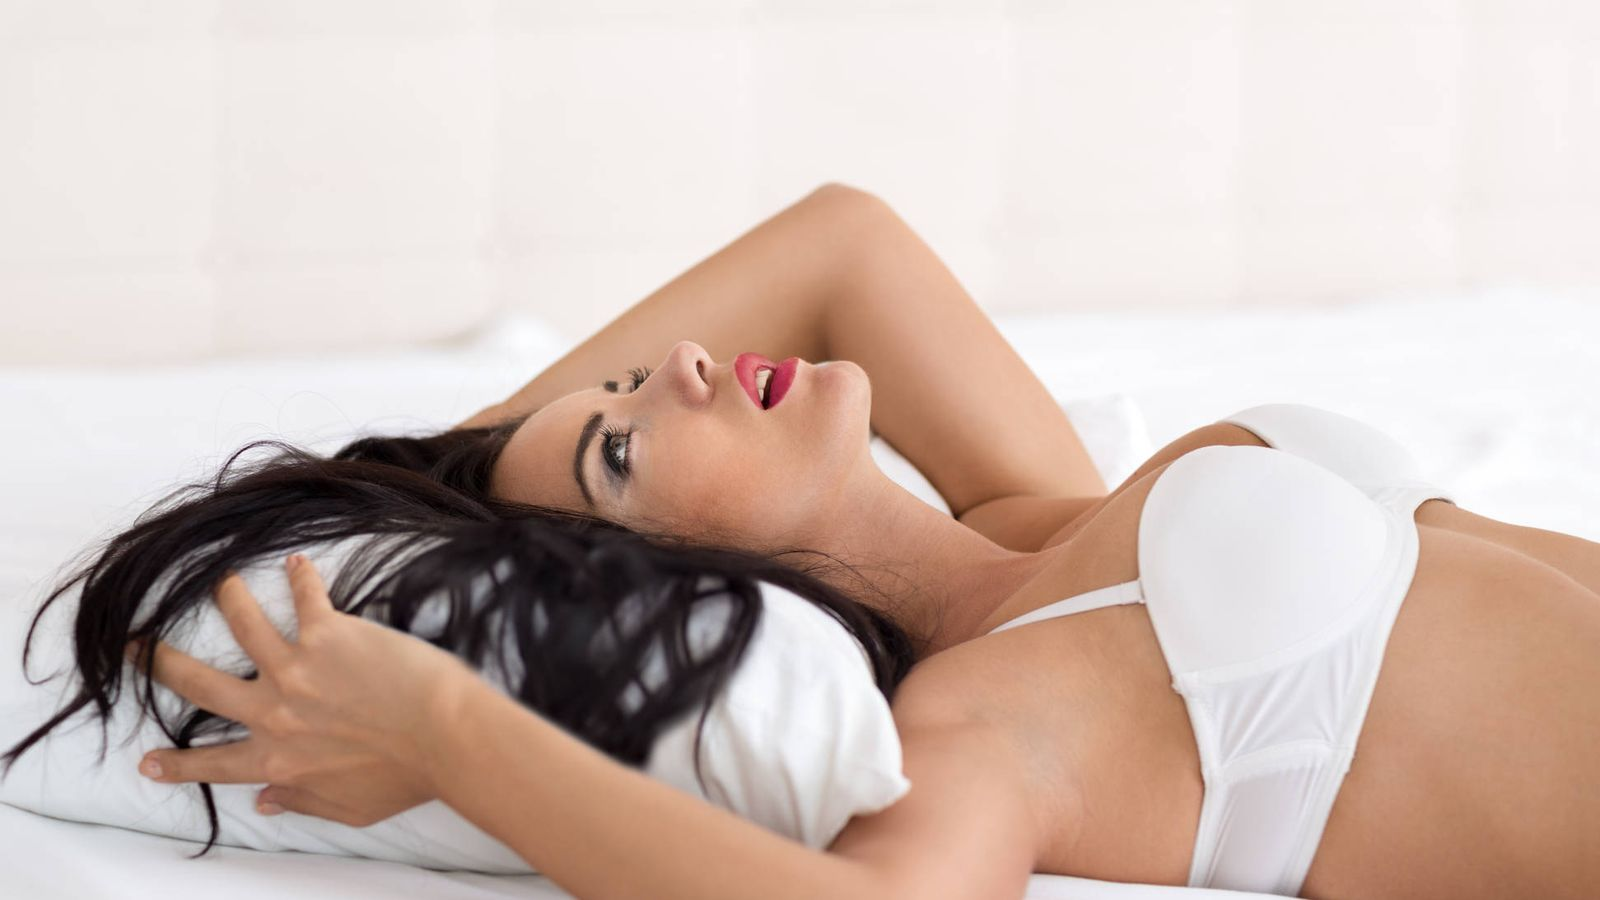 Autentica Violacion Porno sexualidad: toda la verdad sobre si las estrellas porno se